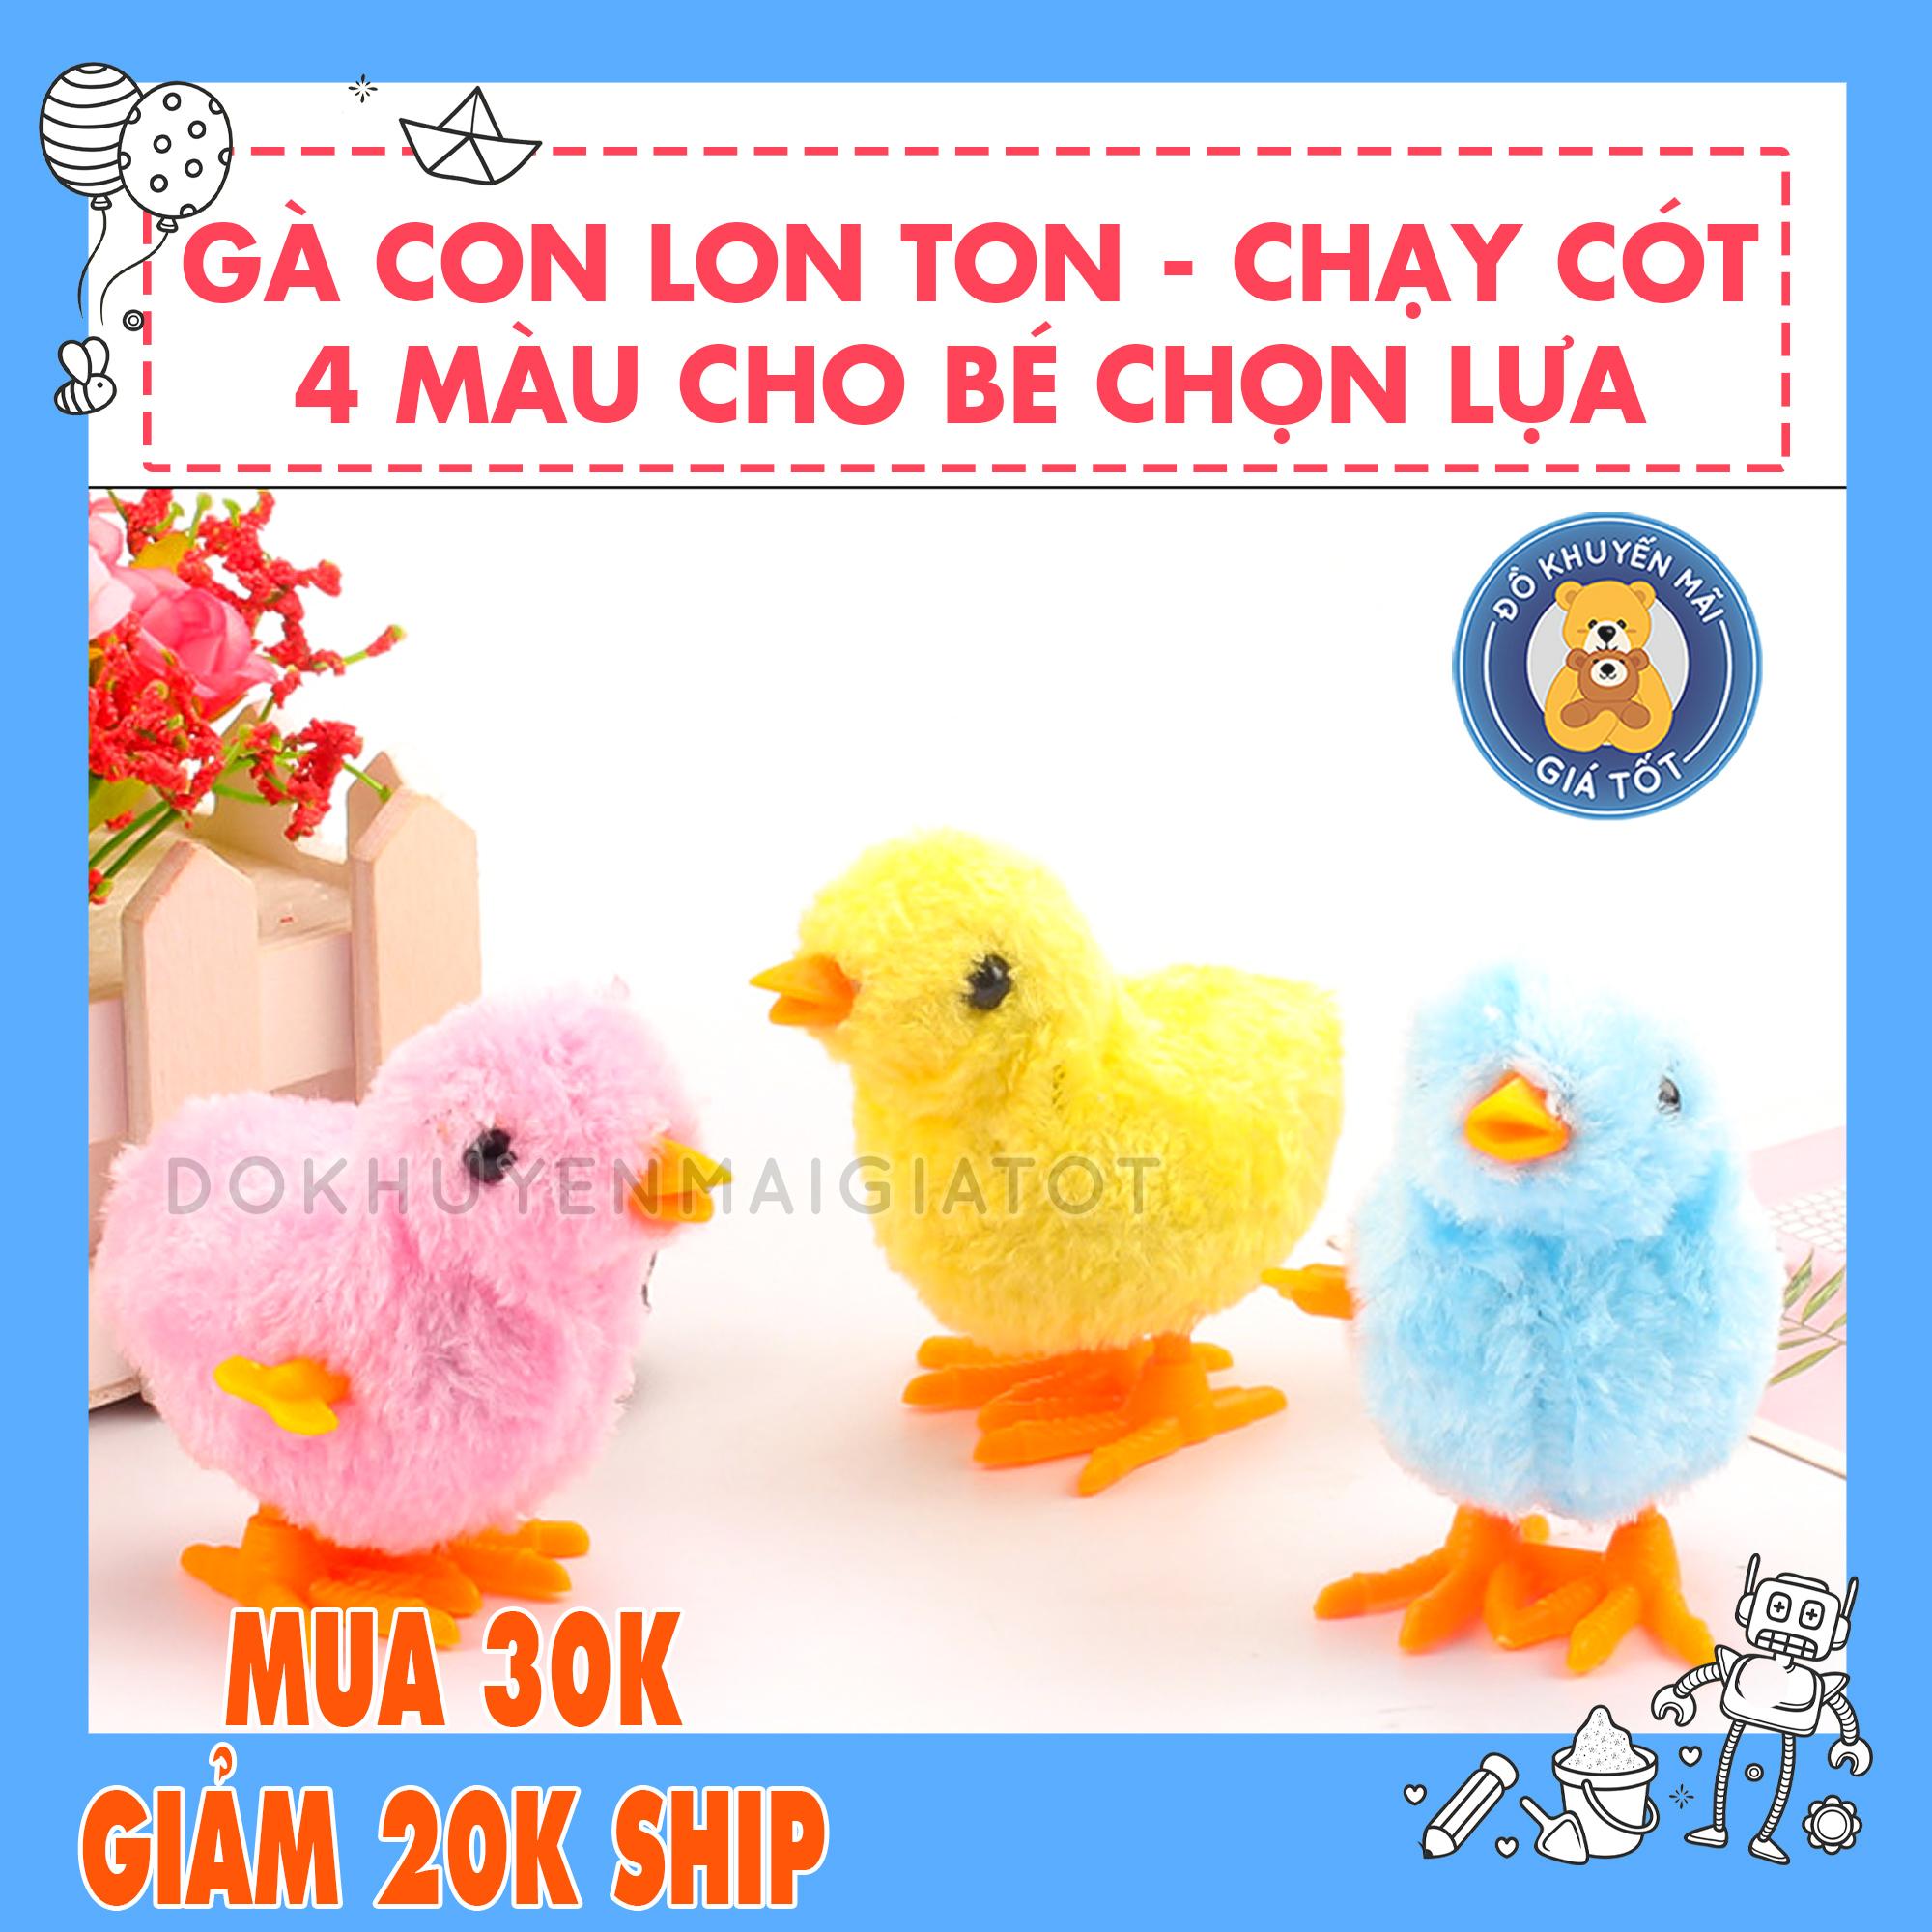 Hình ảnh Đồ chơi cót gà con dễ thương an toàn cho bé yêu - COTGA - Đồ khuyến mãi giá tốt